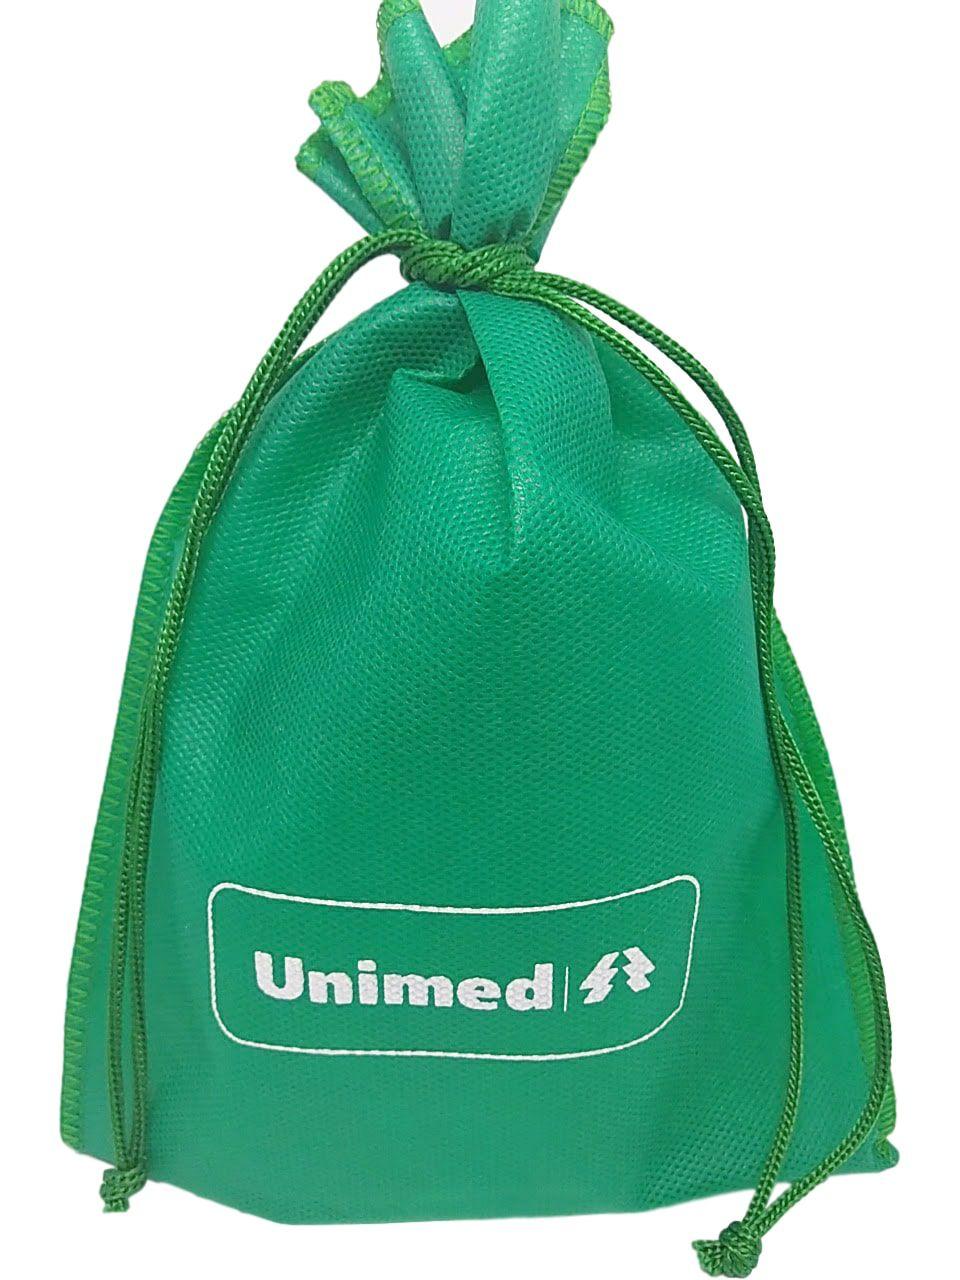 Saquinho de tnt personalizado para anel  - Tamanho 06 x 08 - impressão em serigrafia - inha Classic 7056  - Litex Embalagens